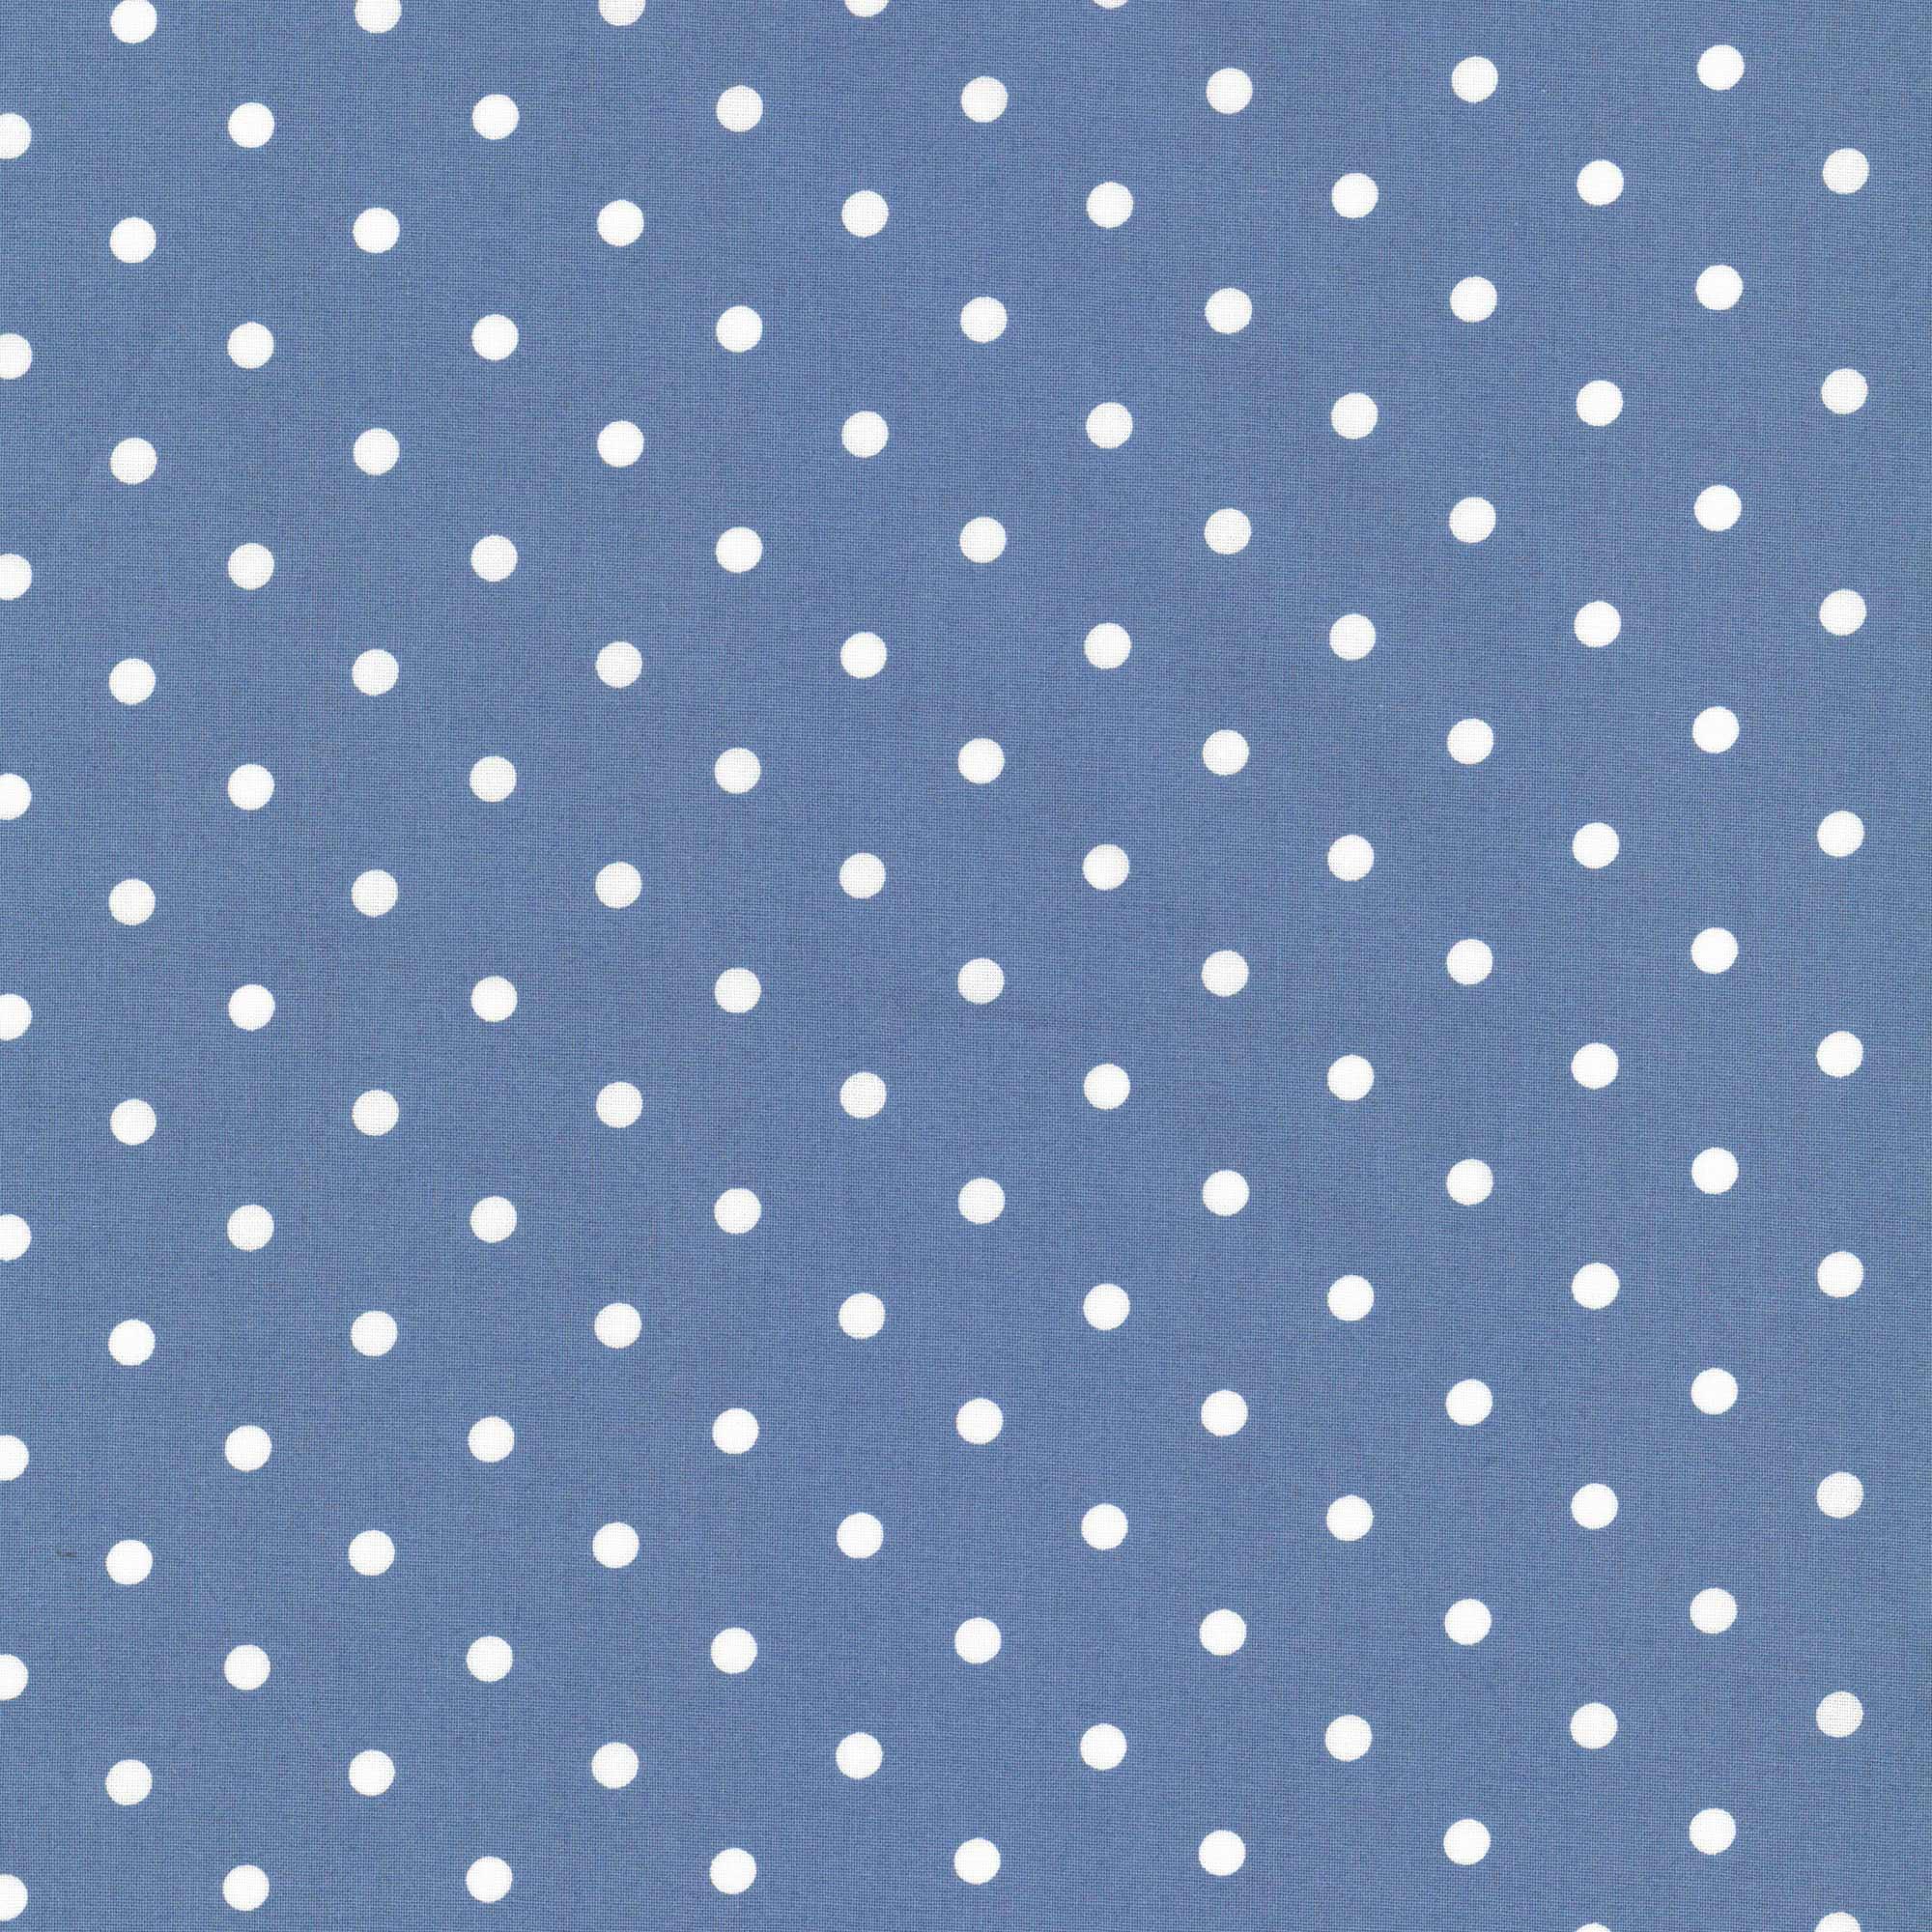 produkt_img/010506309.jpg